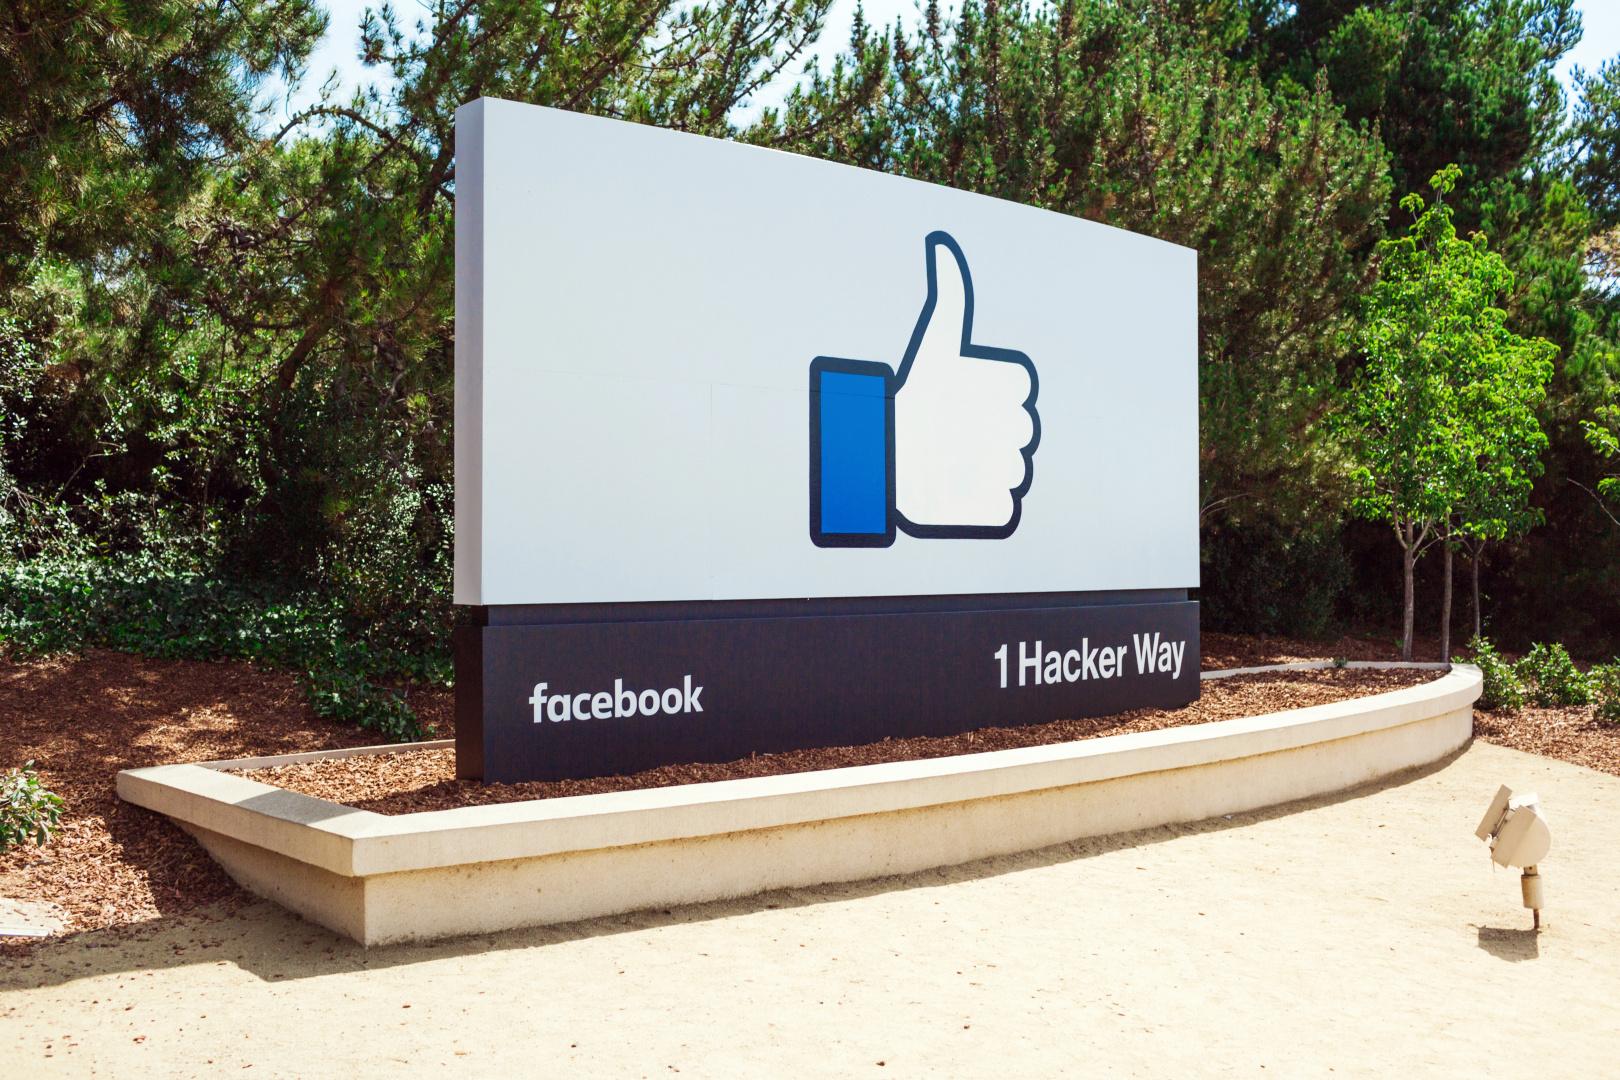 Gamle innlegg kommer tilbake igjen. Facebook undersøker problemene.